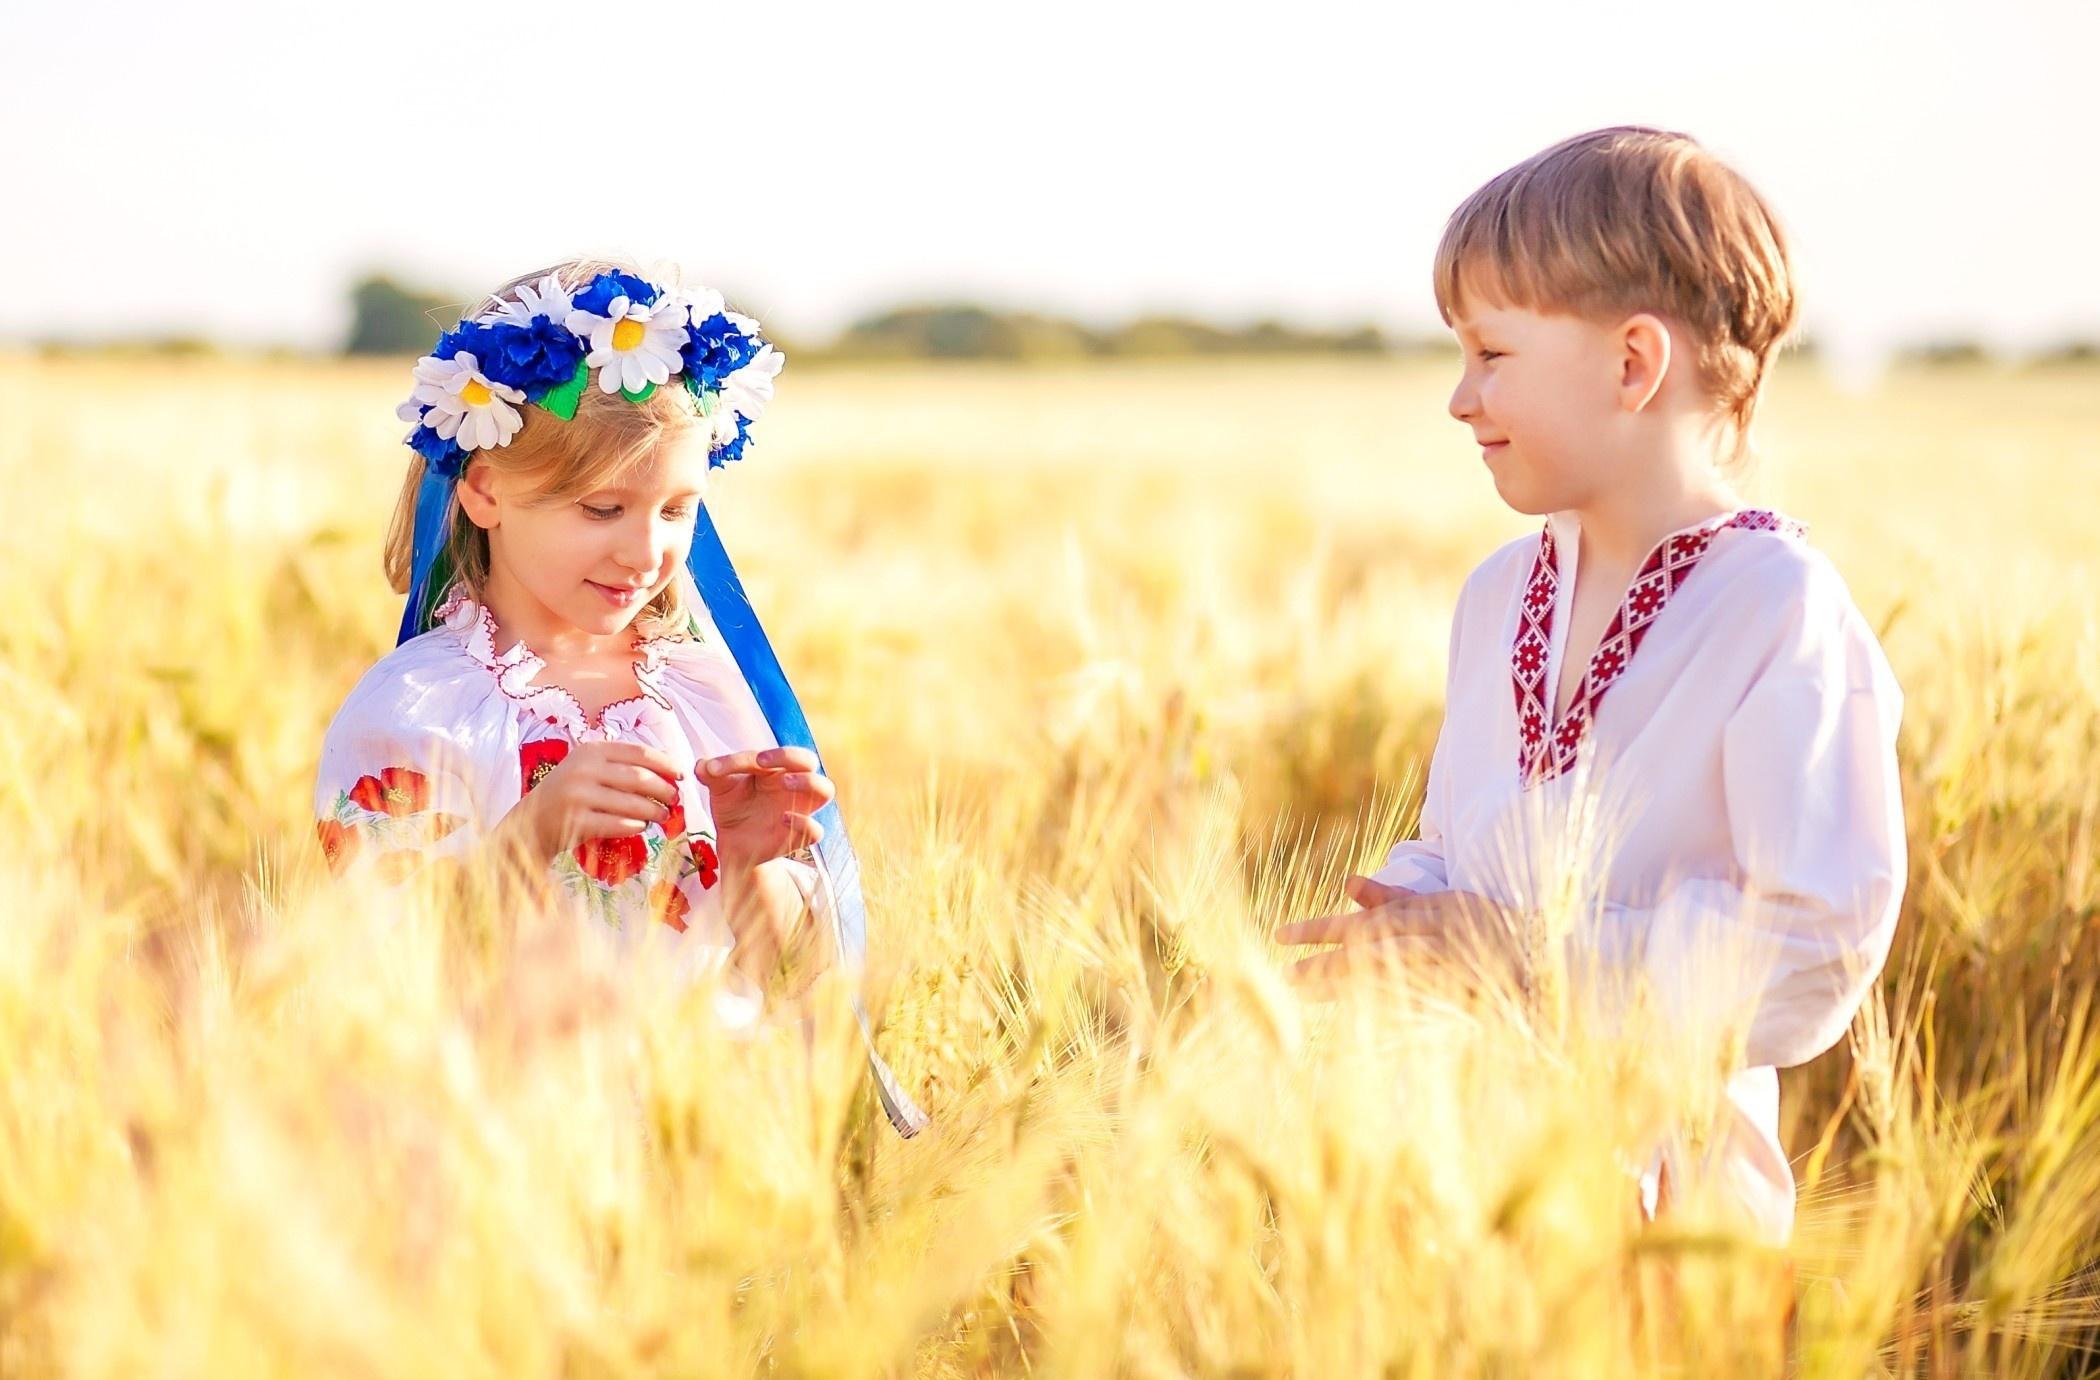 godovshchina-referenduma-o-nezavisimosti-ukrainy-2016-istoriya-i-tradicii5